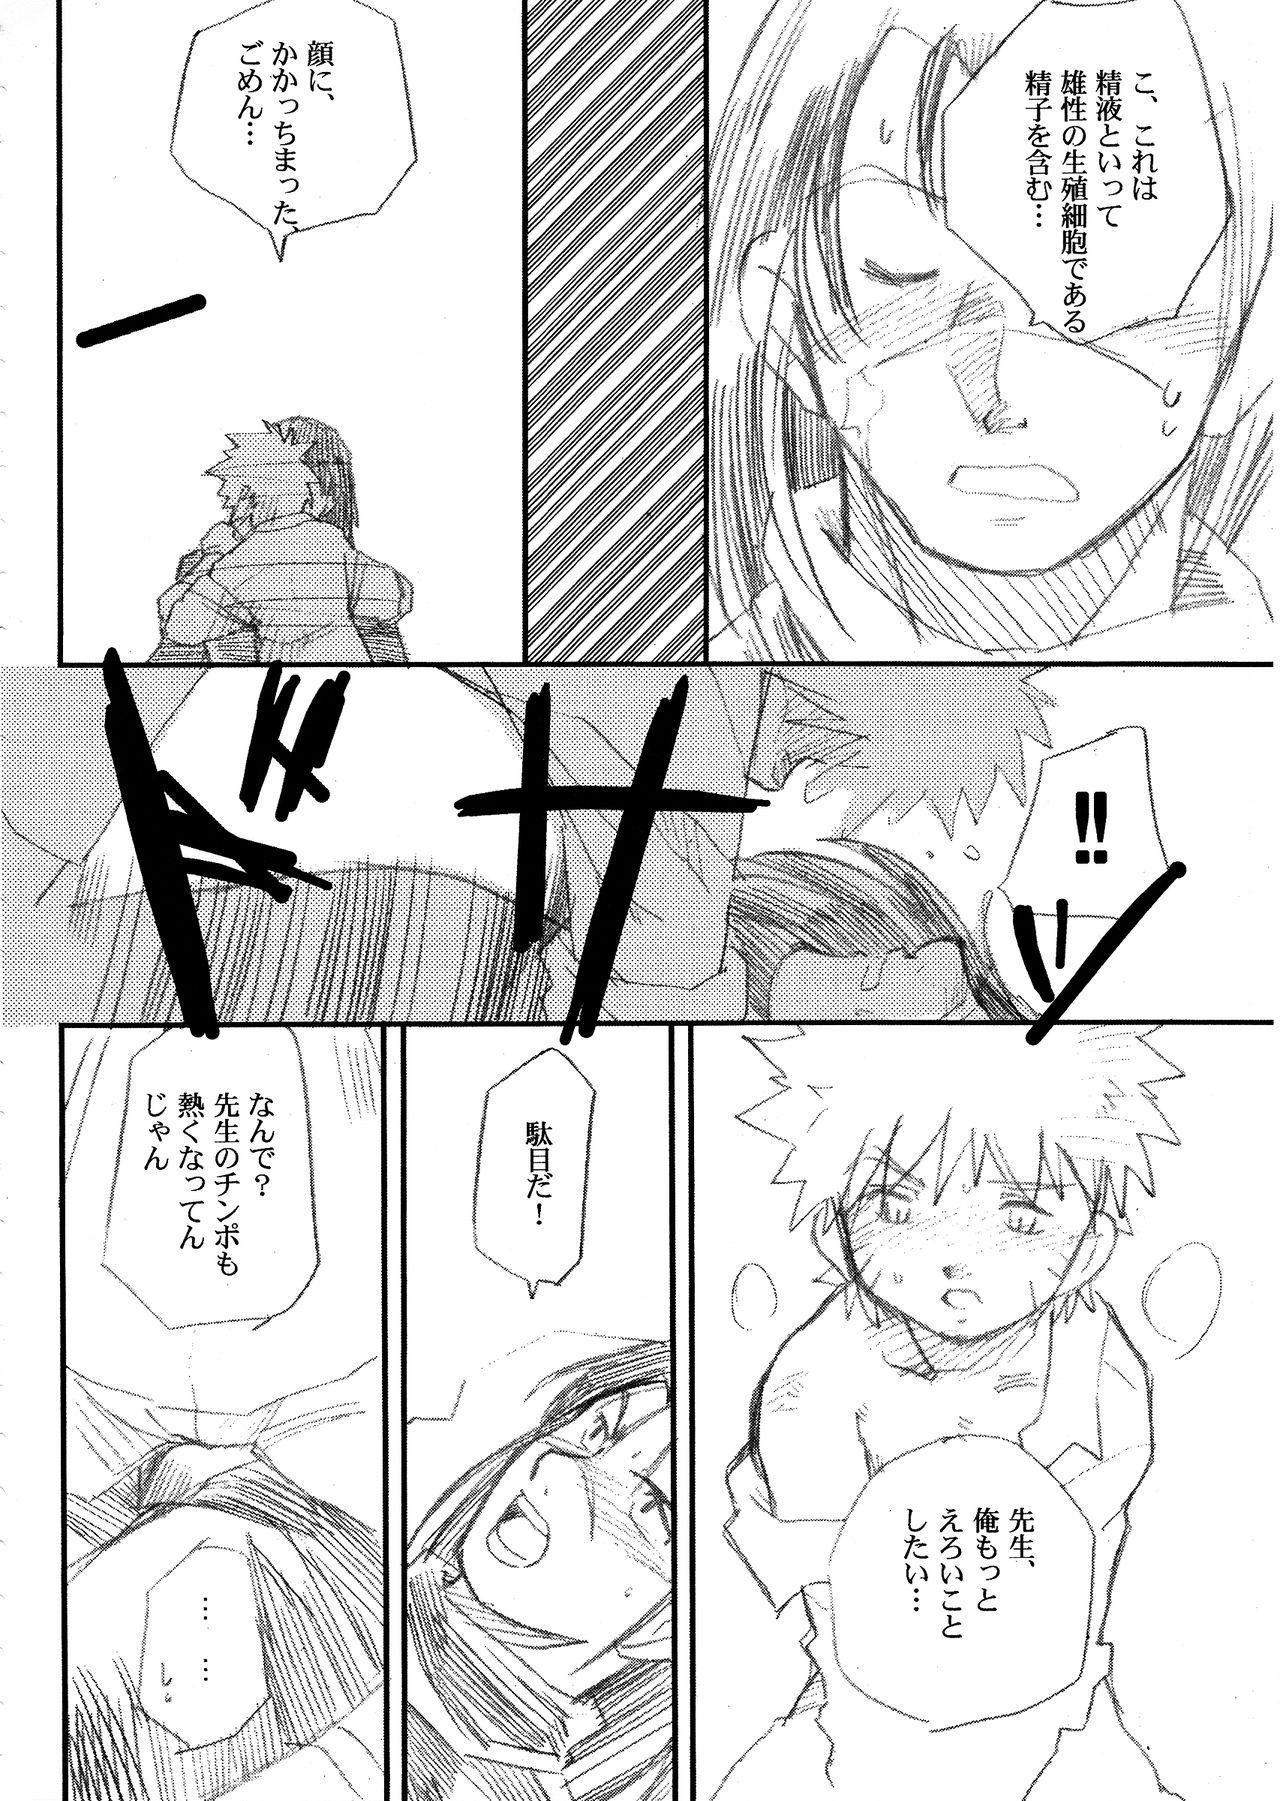 IruNaru no Wadachi 14